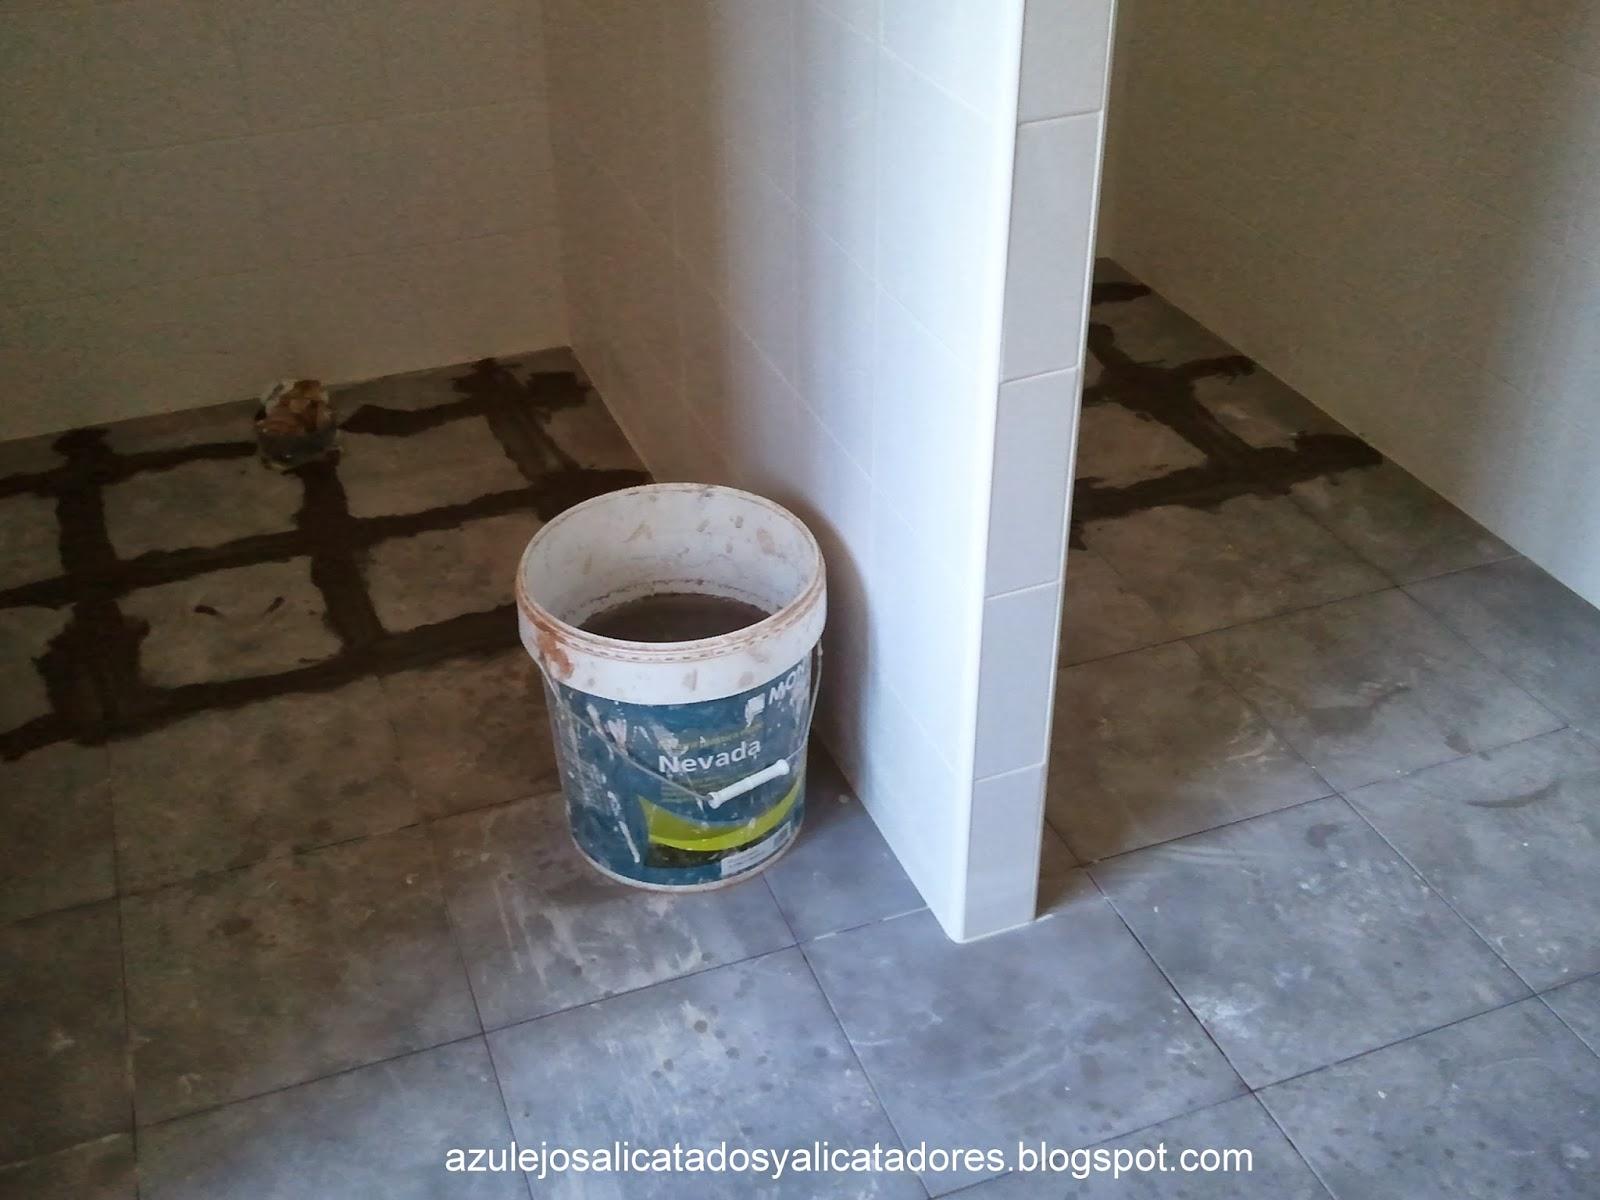 Azulejos alicatados y alicatadores c e i p vara del - Gres porcelanico limpieza ...